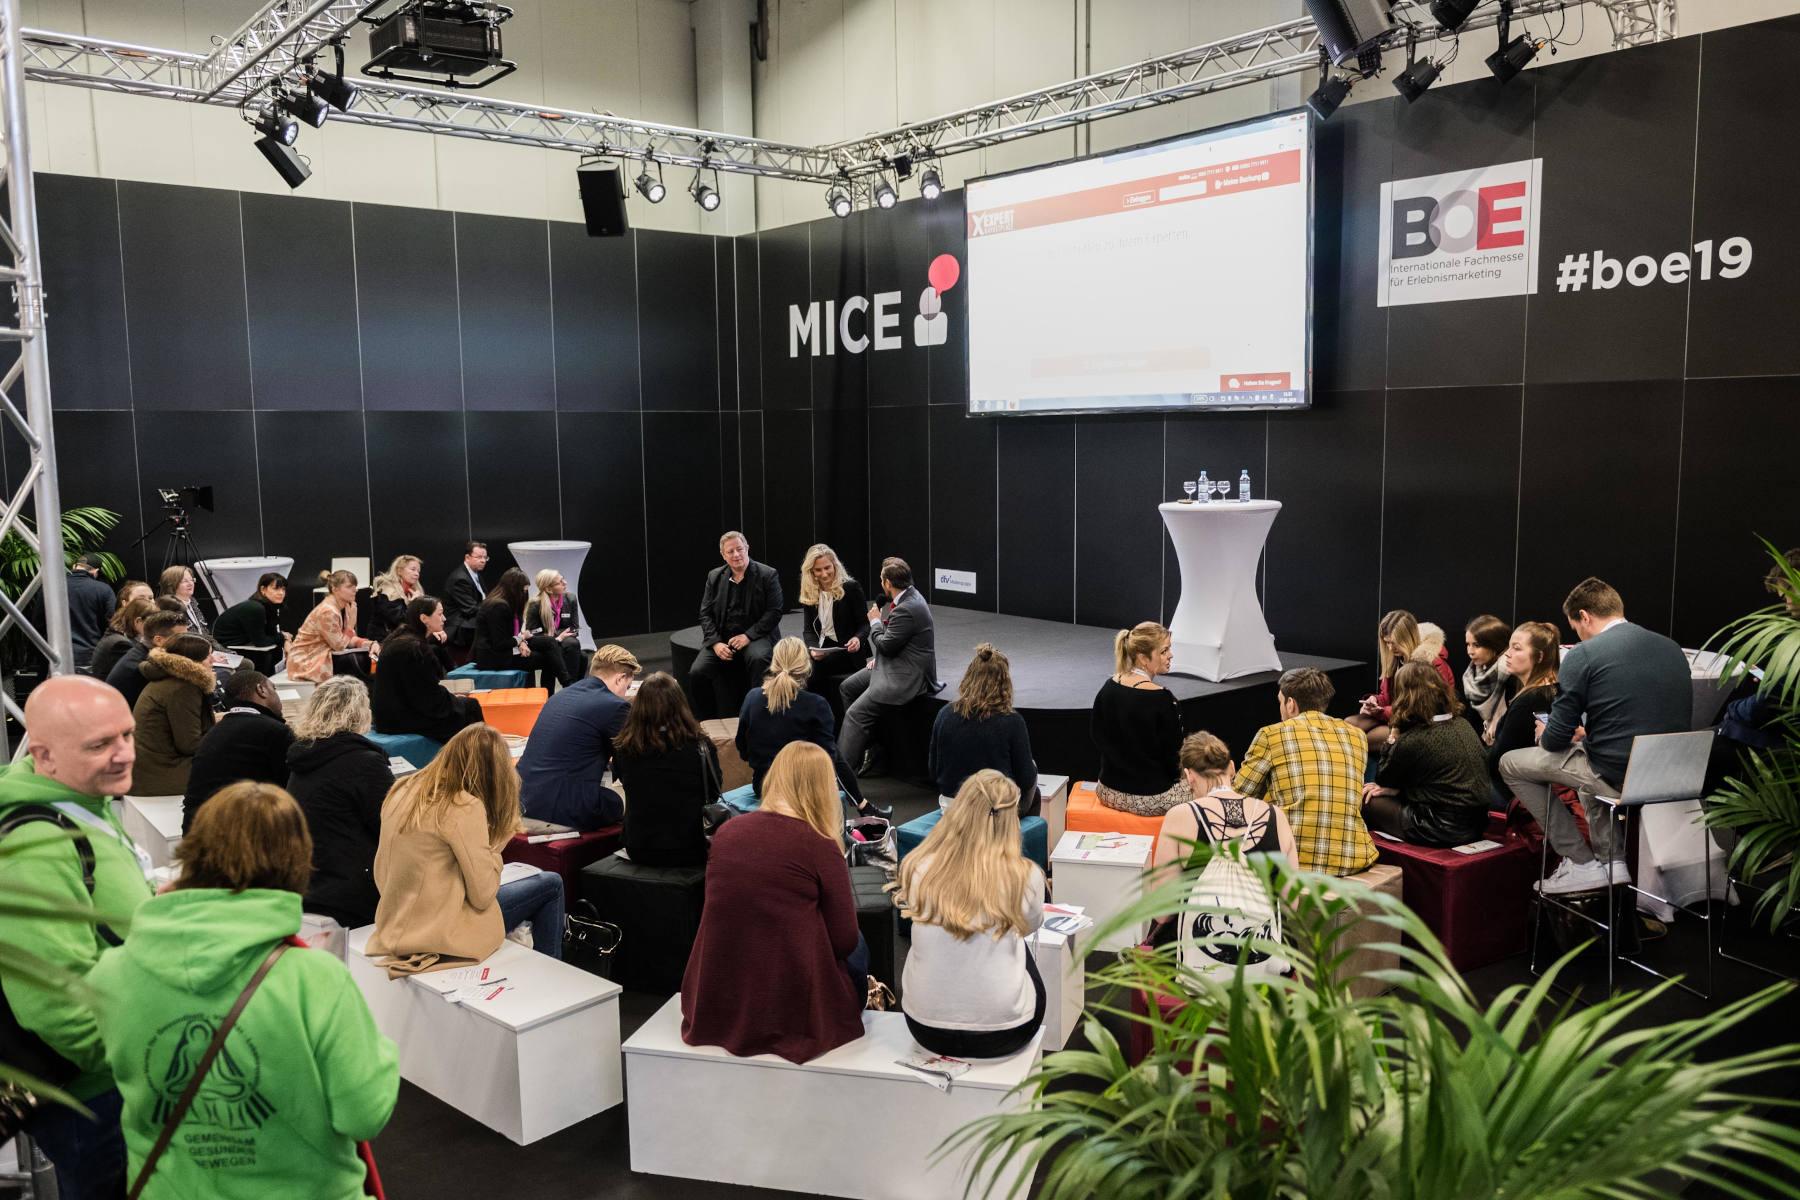 Abb. zu Artikel mbt Meetingplace wird Teil der BOE International